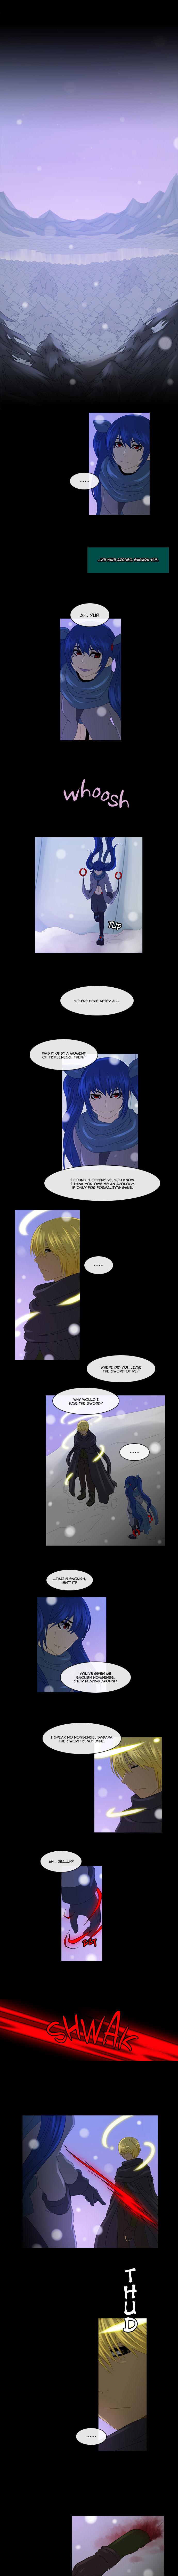 Kubera 153 Page 2